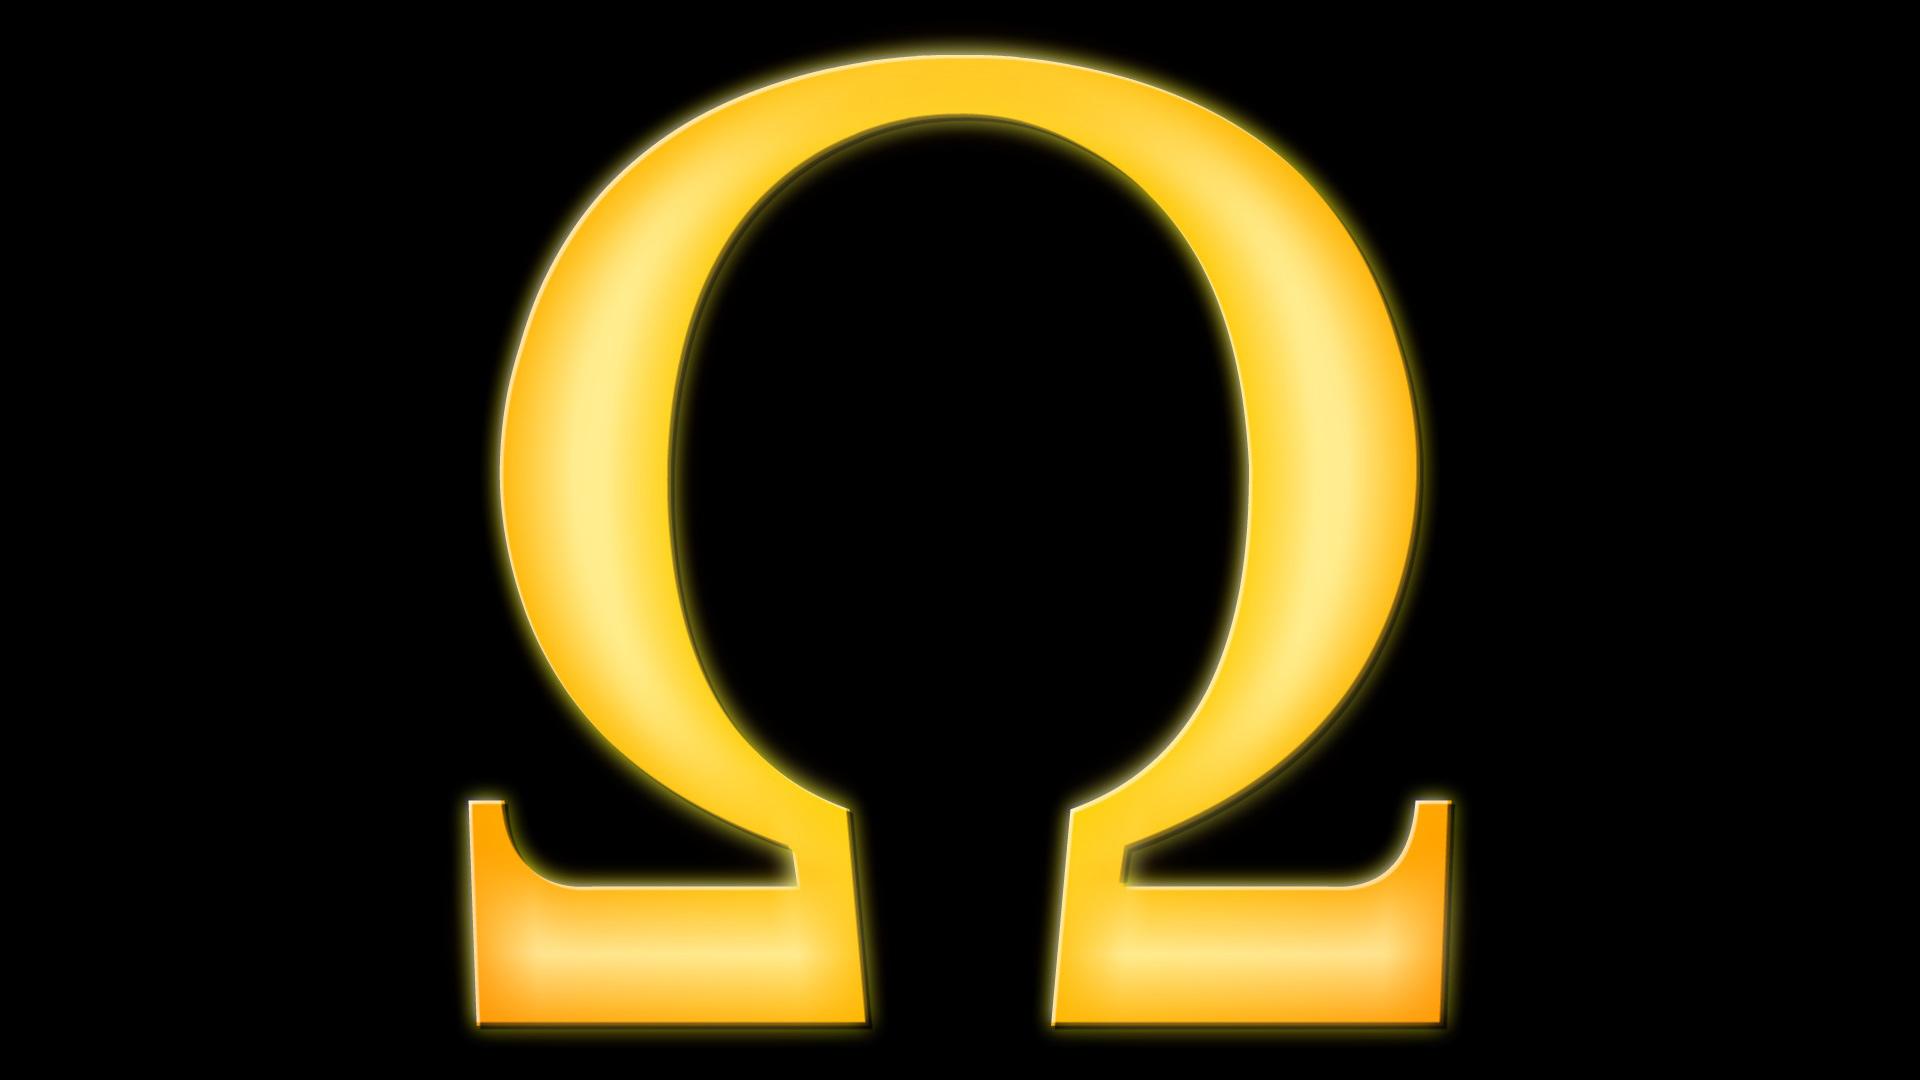 God_Of_War_Symbol.jpg